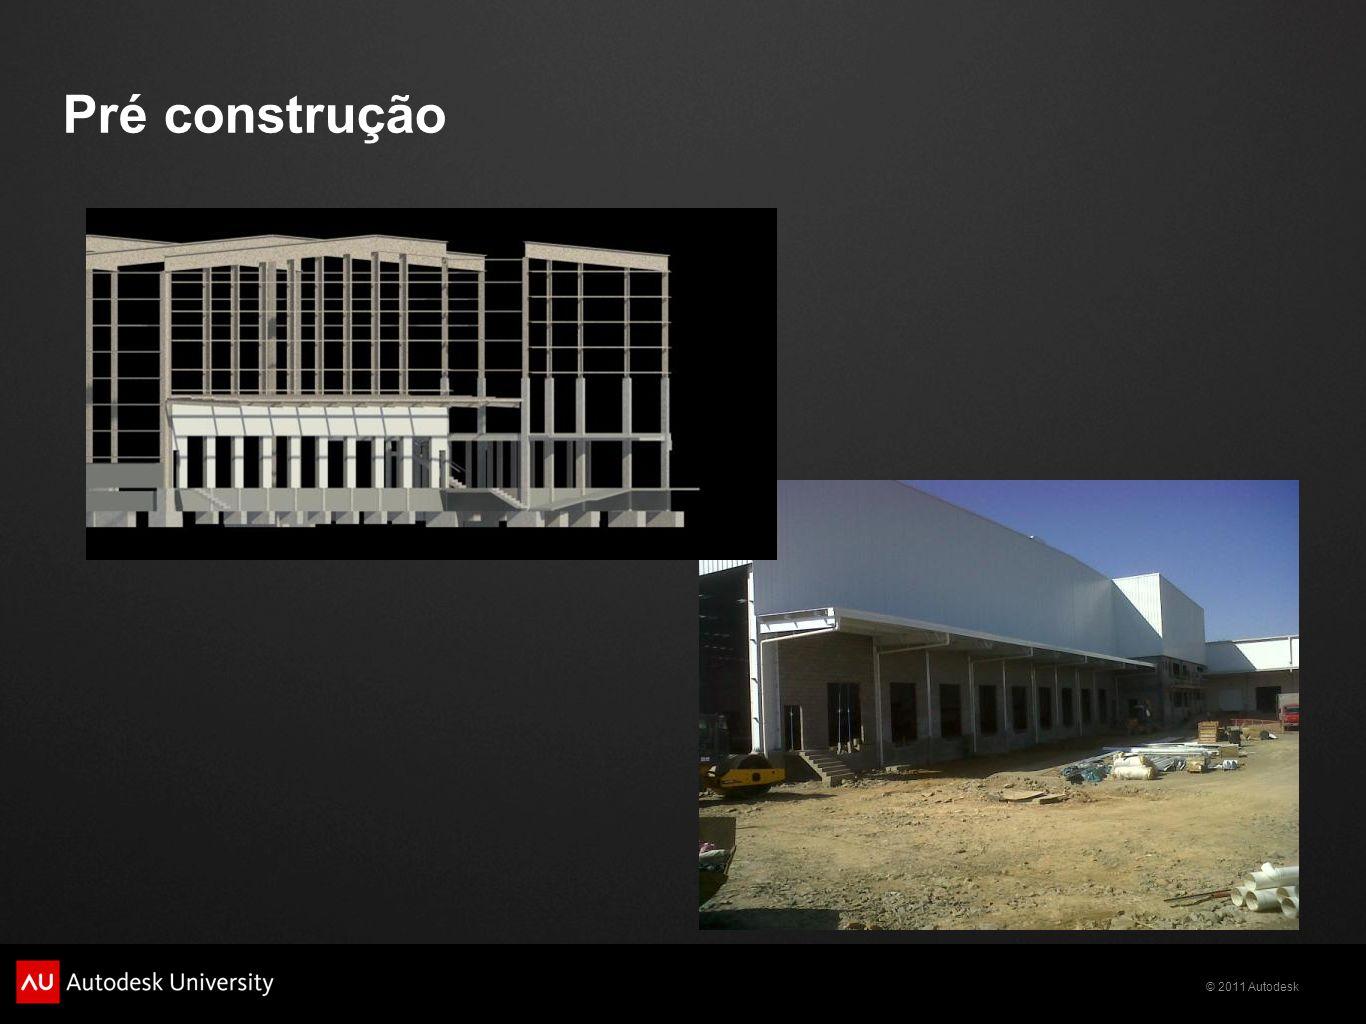 Pré construção